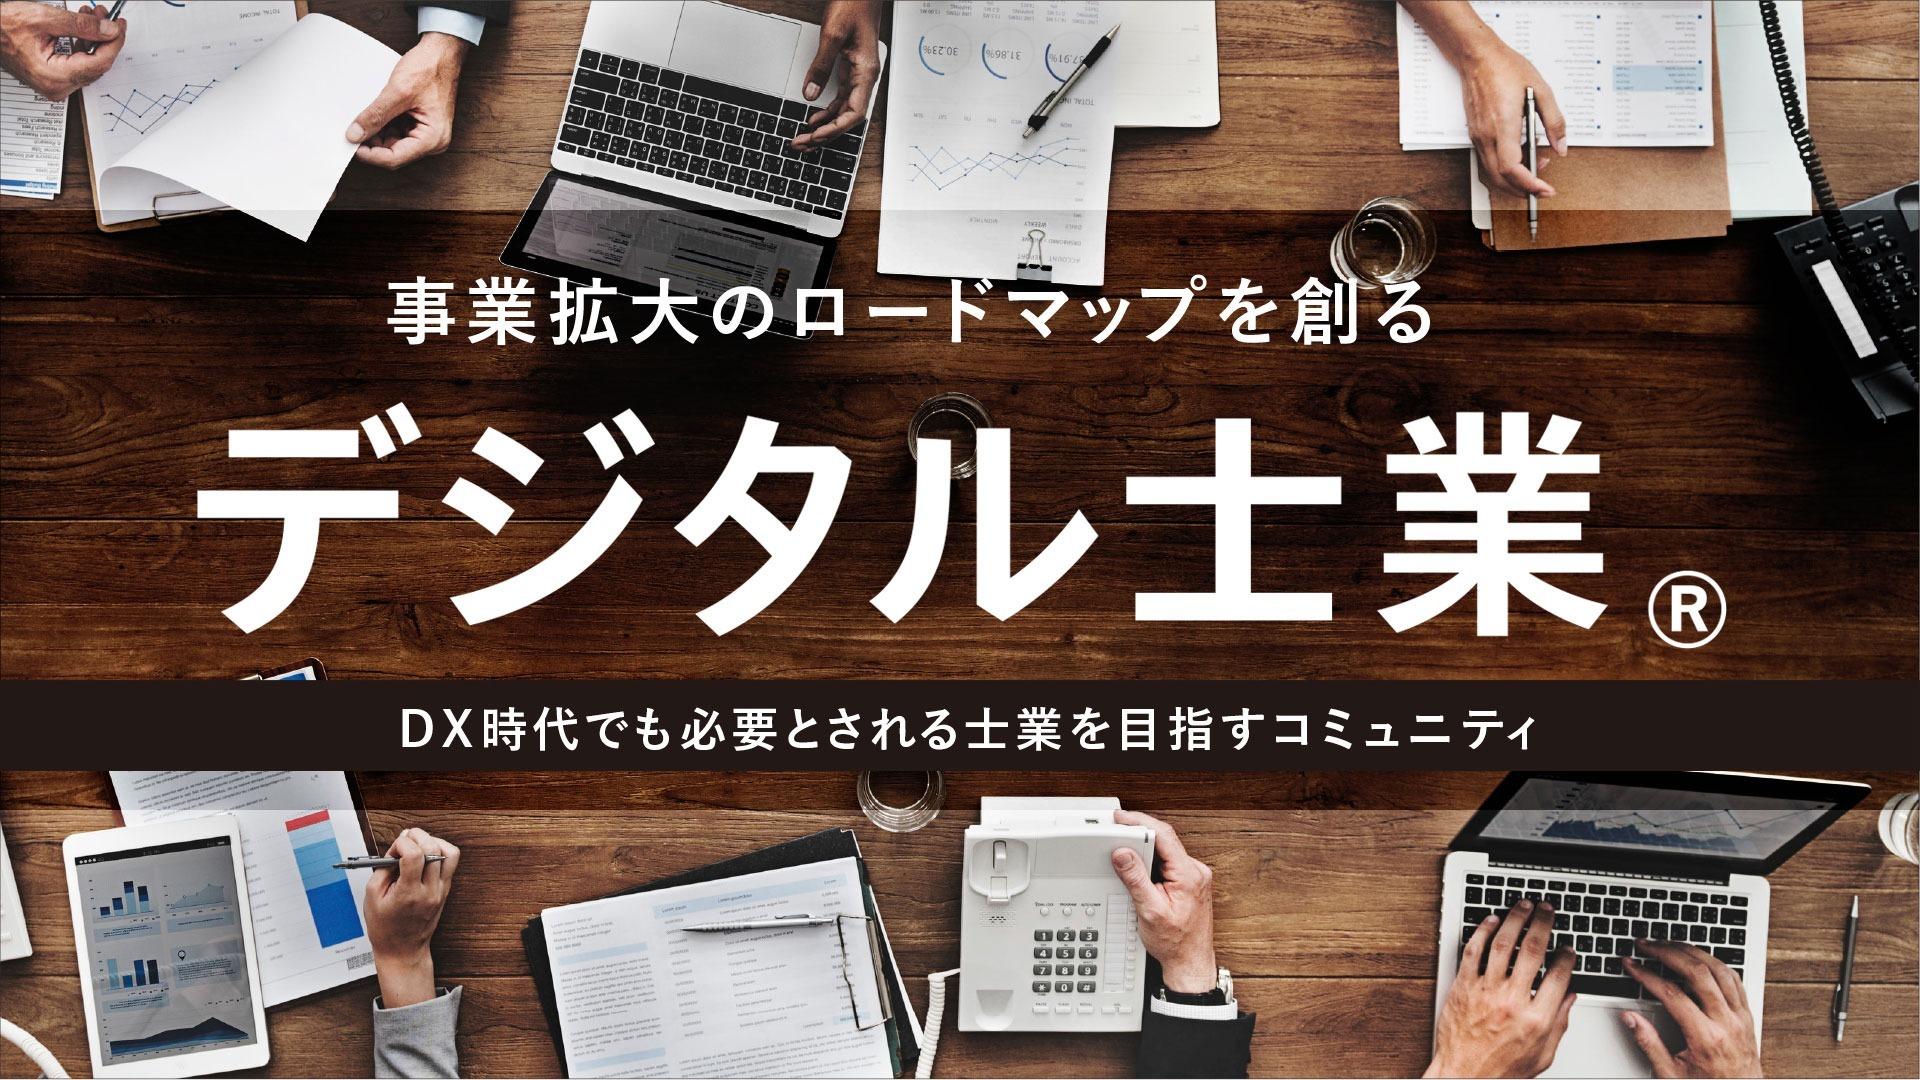 デジタル士業塾 オンラインサロン